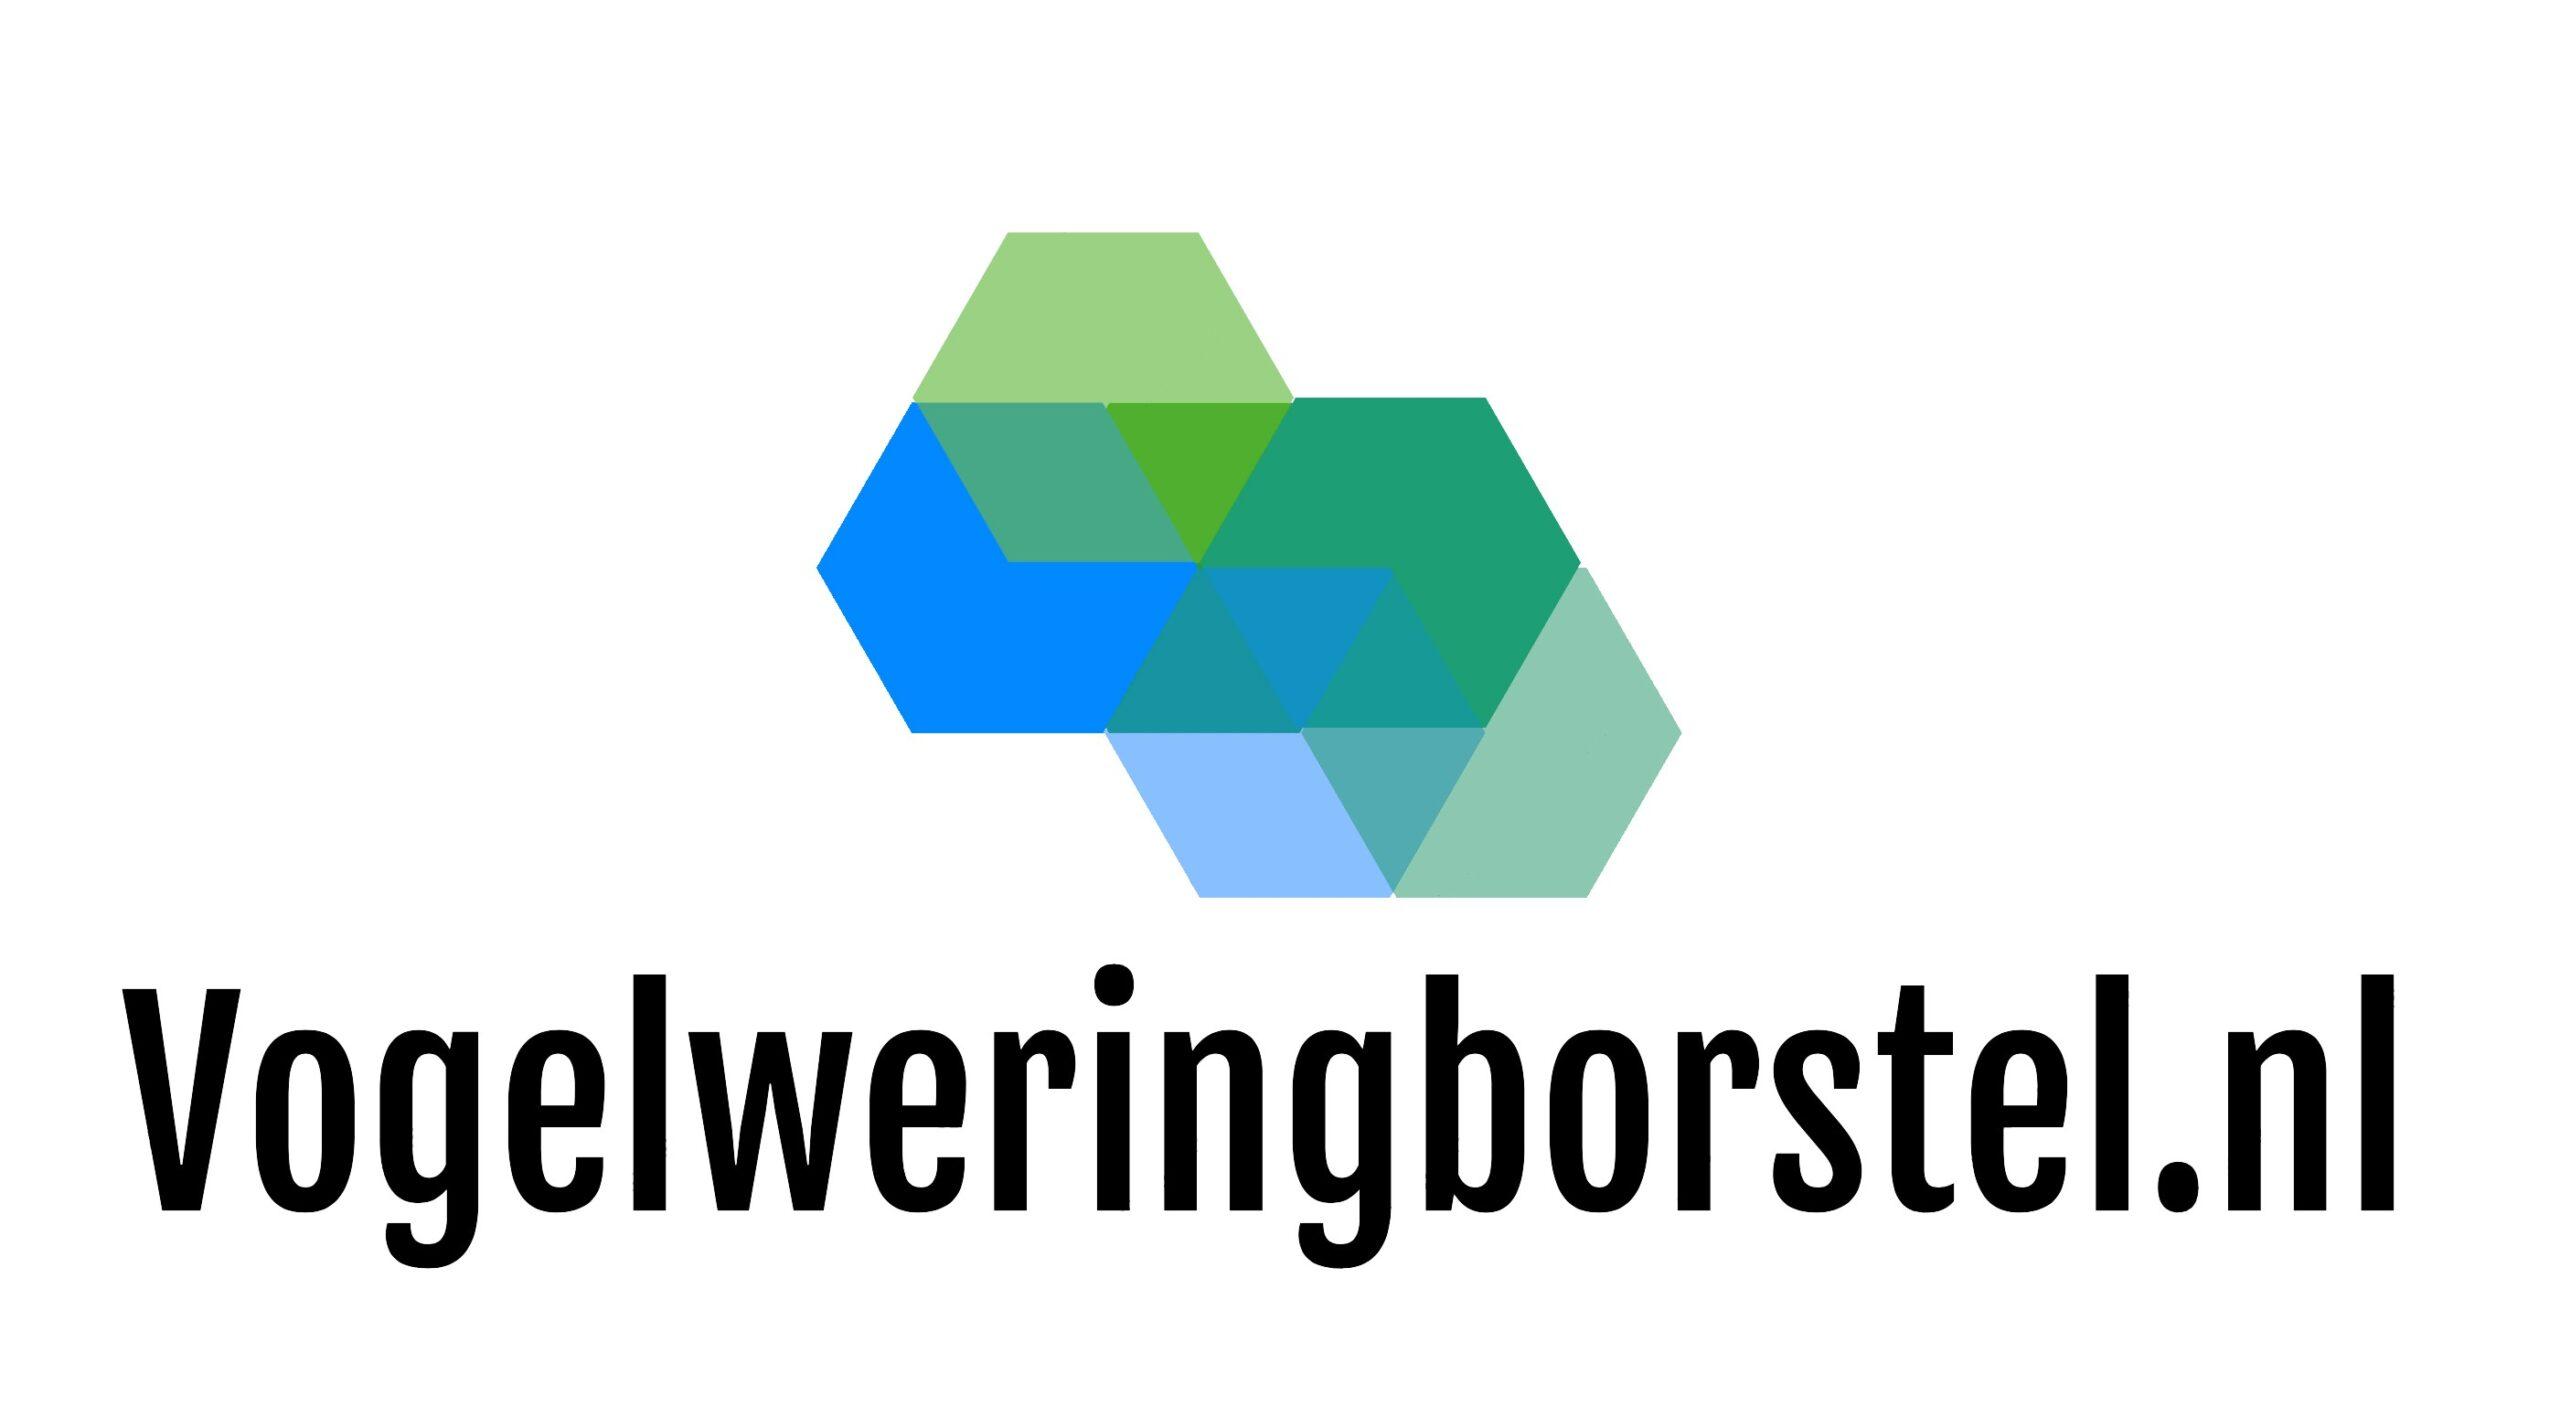 Vogelweringborstel.nl